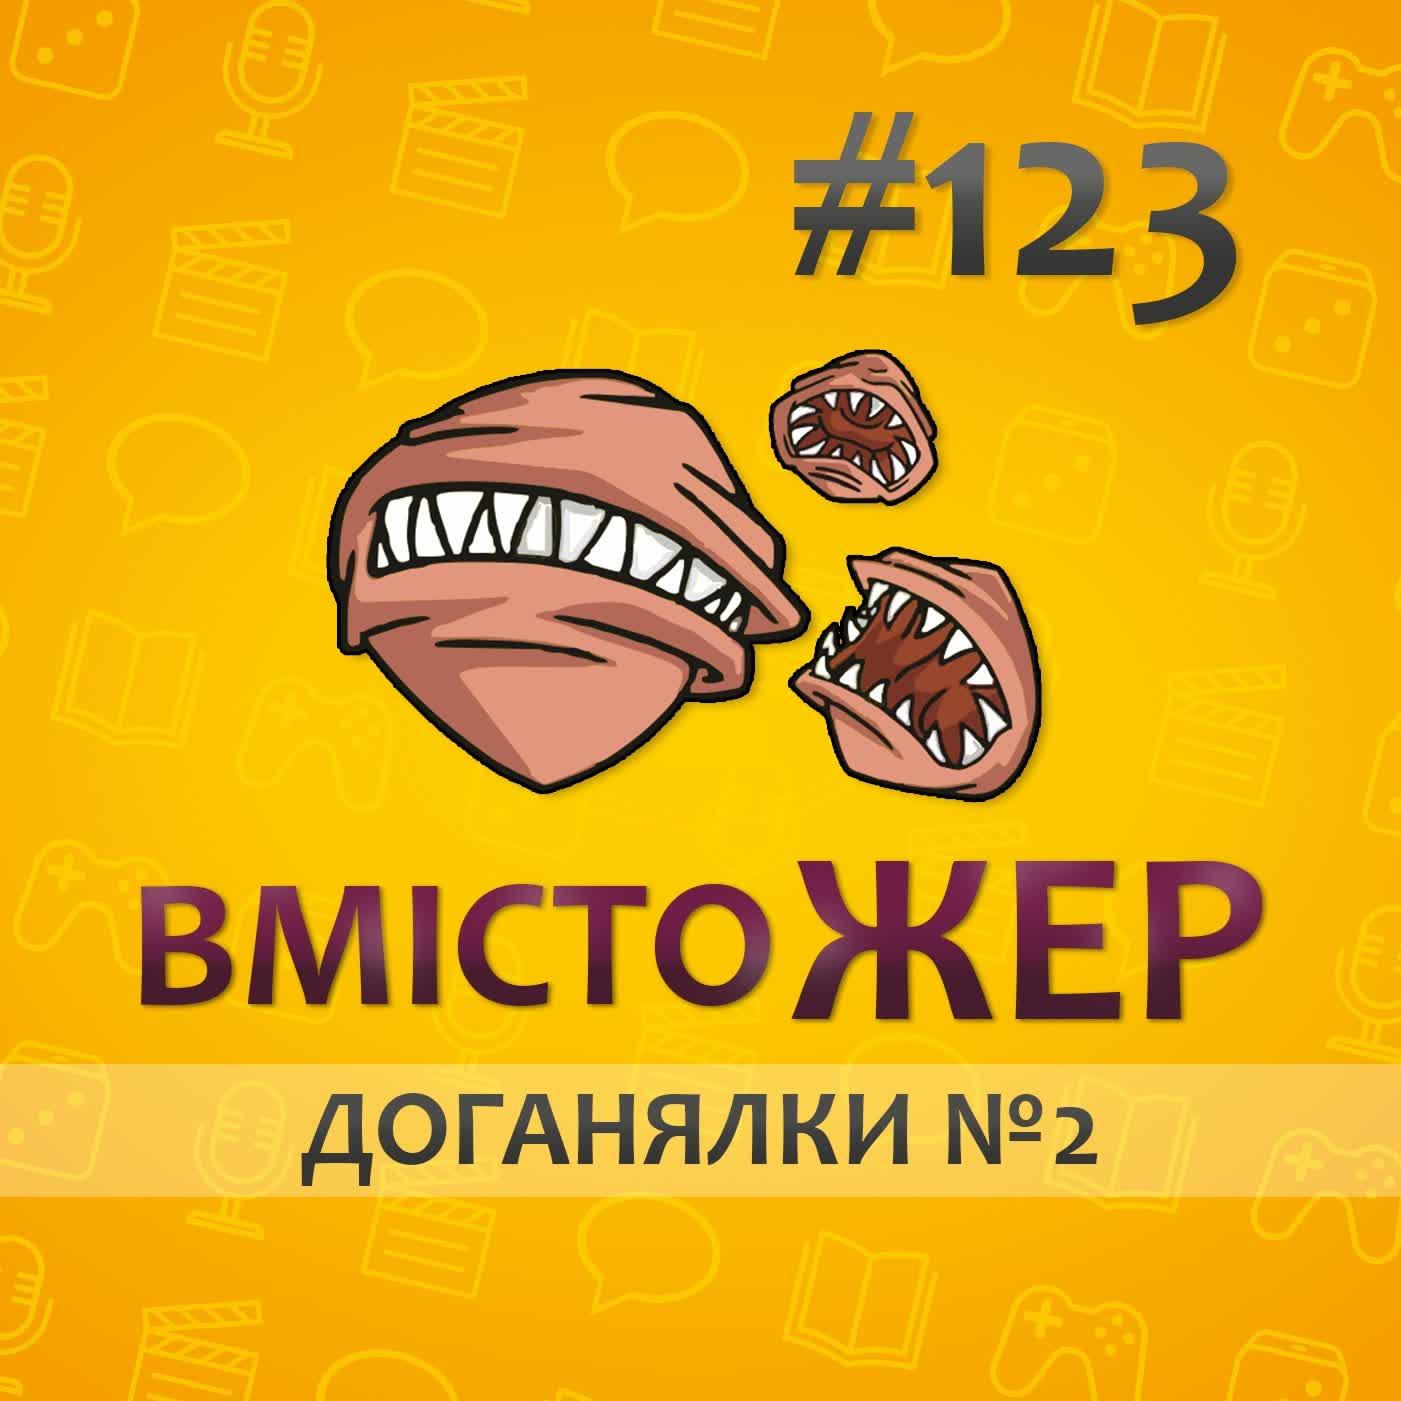 Вмістожер 123 — ДОГАНЯЛКИ №2